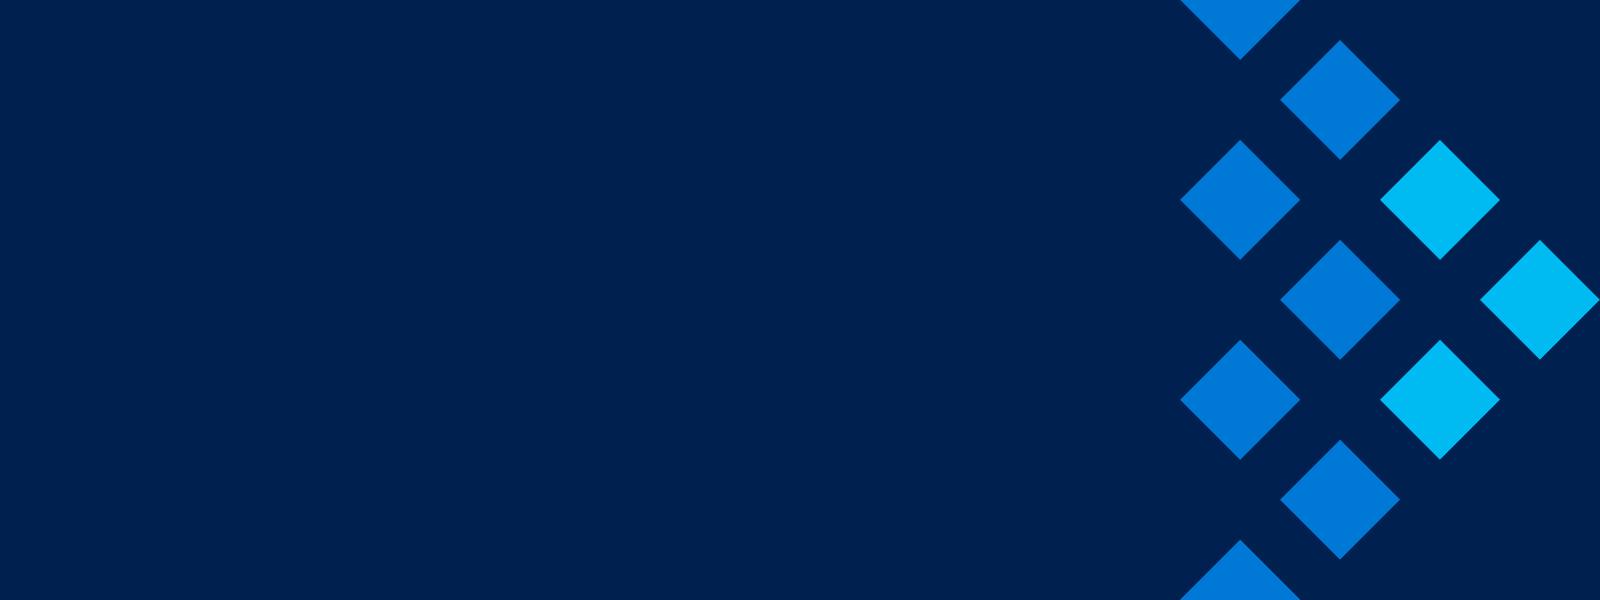 Ein dunkelblaues Schmuckbild mit hellblauen Rauten, die die Einzeltermine des Innovation Summits repräsentieren